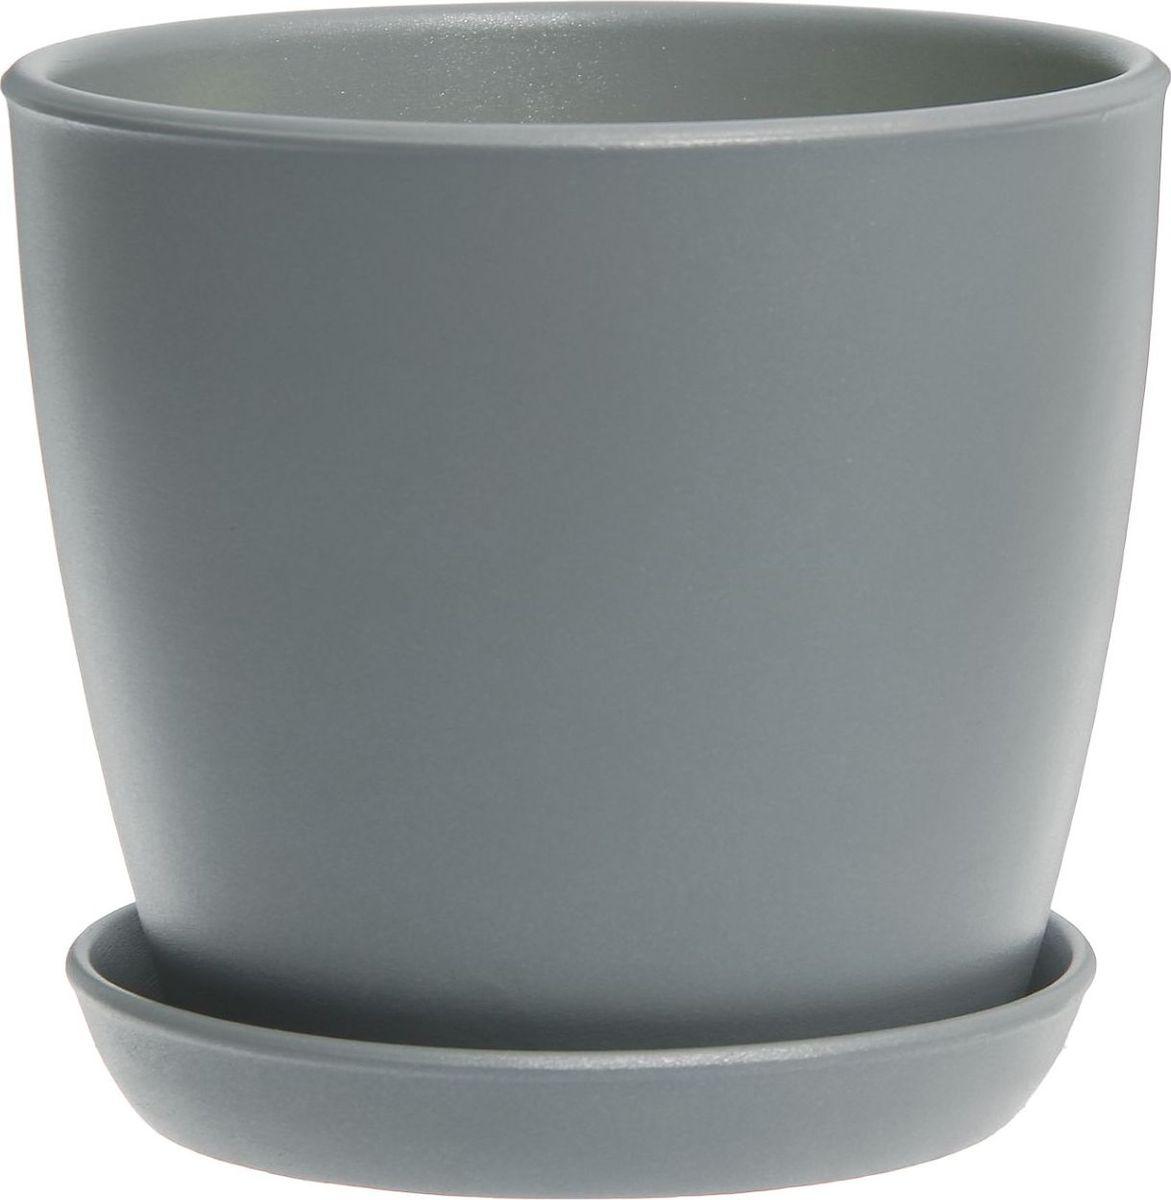 Кашпо Керамика ручной работы Виктория, цвет: серый, 4 л1261790Кашпо серии «Каменный цветок» выполнено из белой глины методом формовки и покрыто лаком. Керамическая ёмкость имеет объём, оптимальный для создания наилучших условий развития большинства растений.Устойчивый глубокий поддон защитит поверхность стола или подставки от жидкости.Благодаря строгим стандартам производства изделия отличаются правильной формой, отсутствием дефектов, имеют достаточную тяжесть для надёжной фиксации конструкции.Окраска моделей не восприимчива к прямым солнечным лучам, а в цветовой гамме преобладают яркие и насыщенные оттенки.Красота, удобство и долговечность кашпо серии «Каменный цветок» порадует любителей высококачественных аксессуаров для комнатных растений.